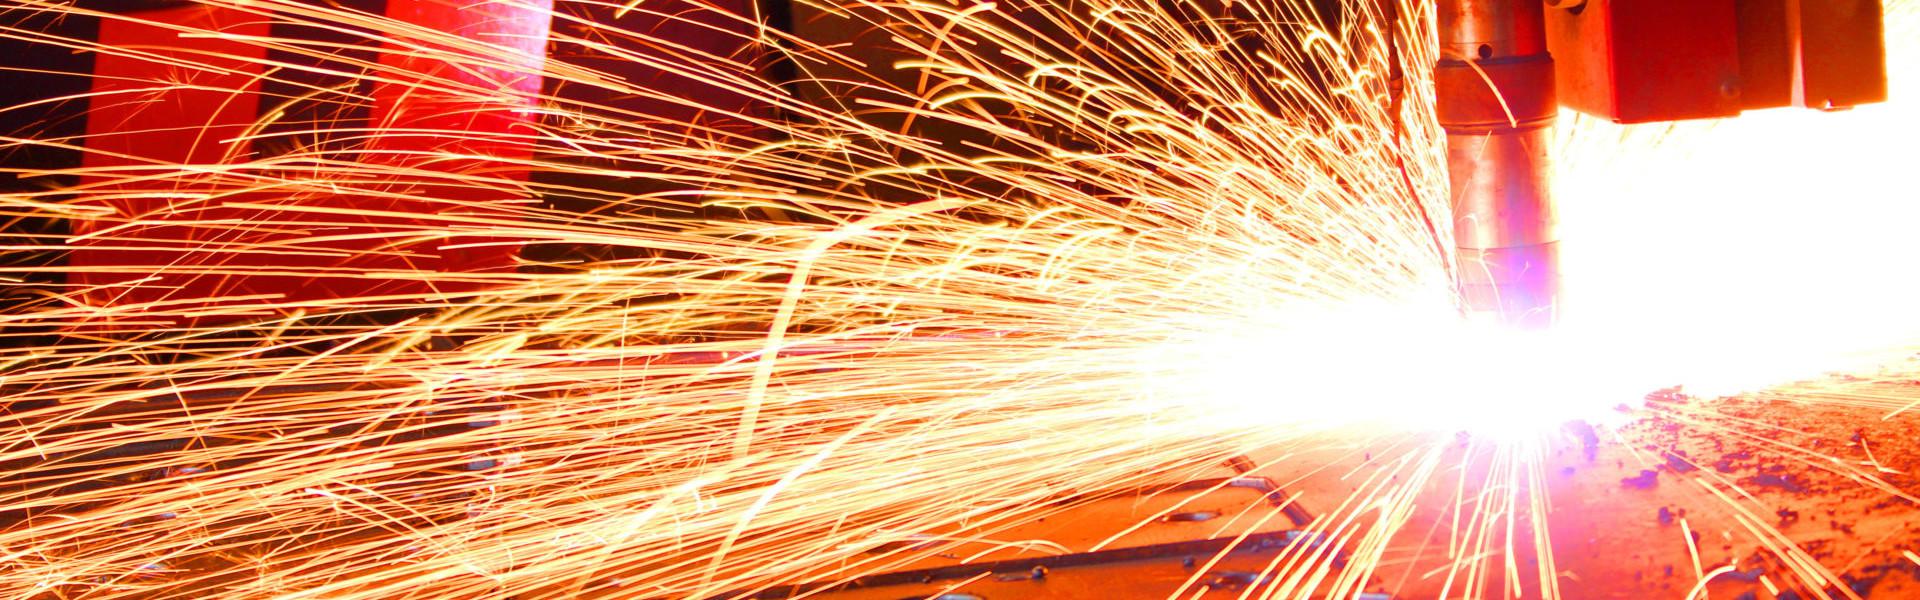 Laserschneiden Metall